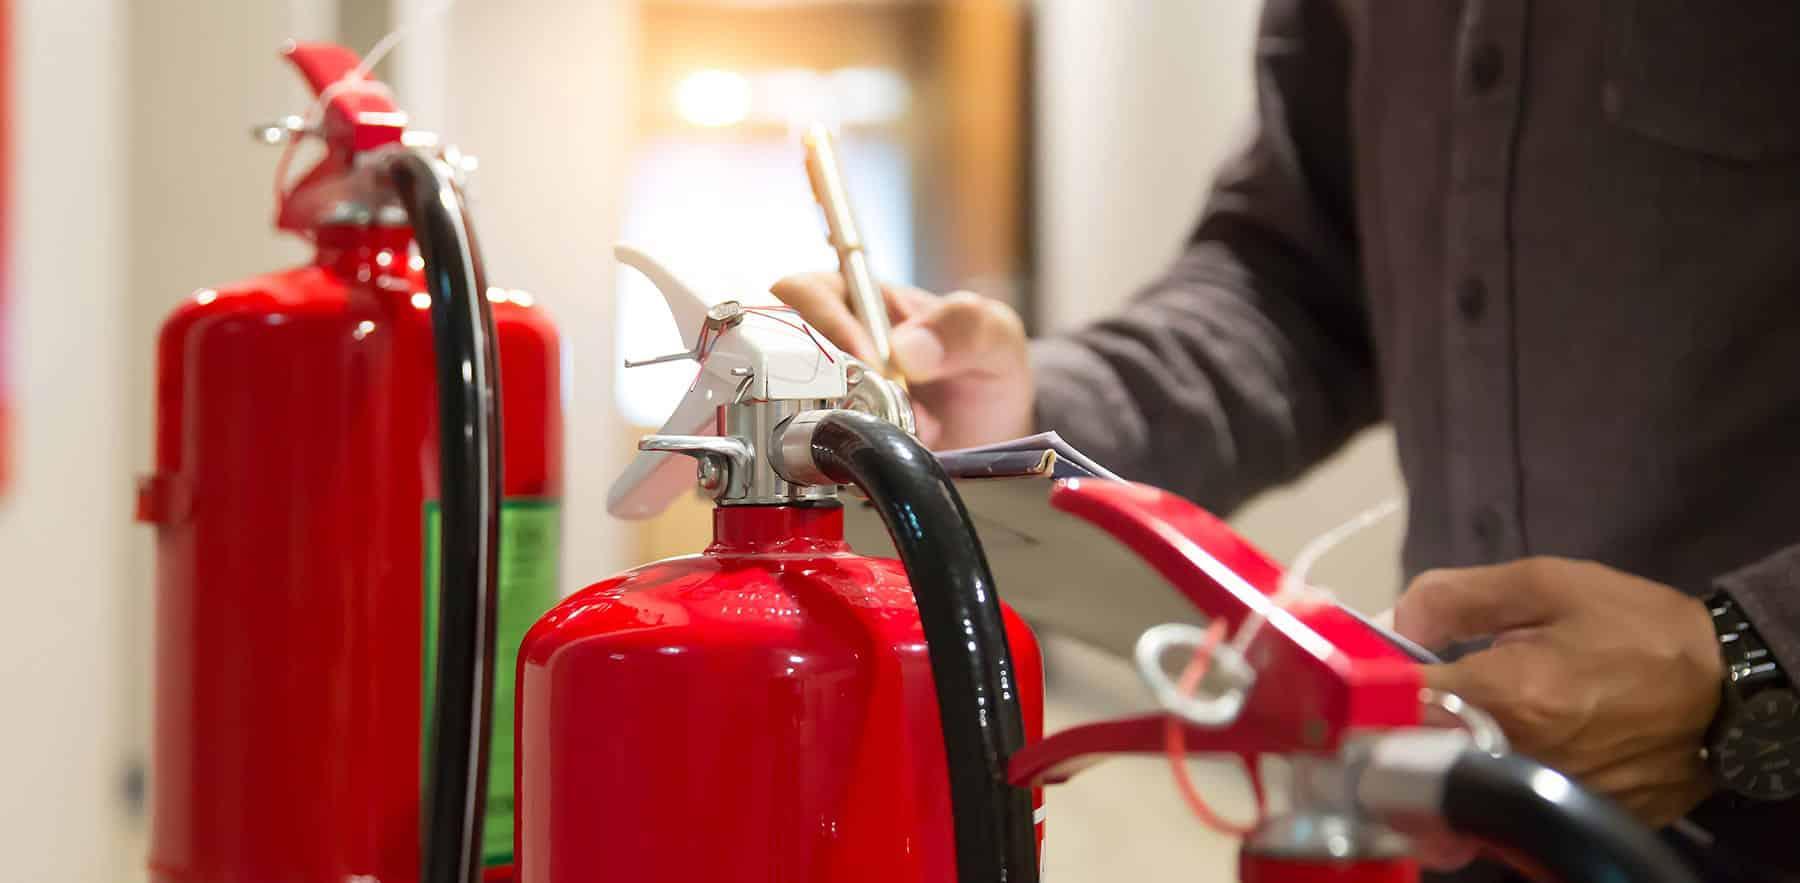 onderhoud brandblussers door brandveilig-nederland